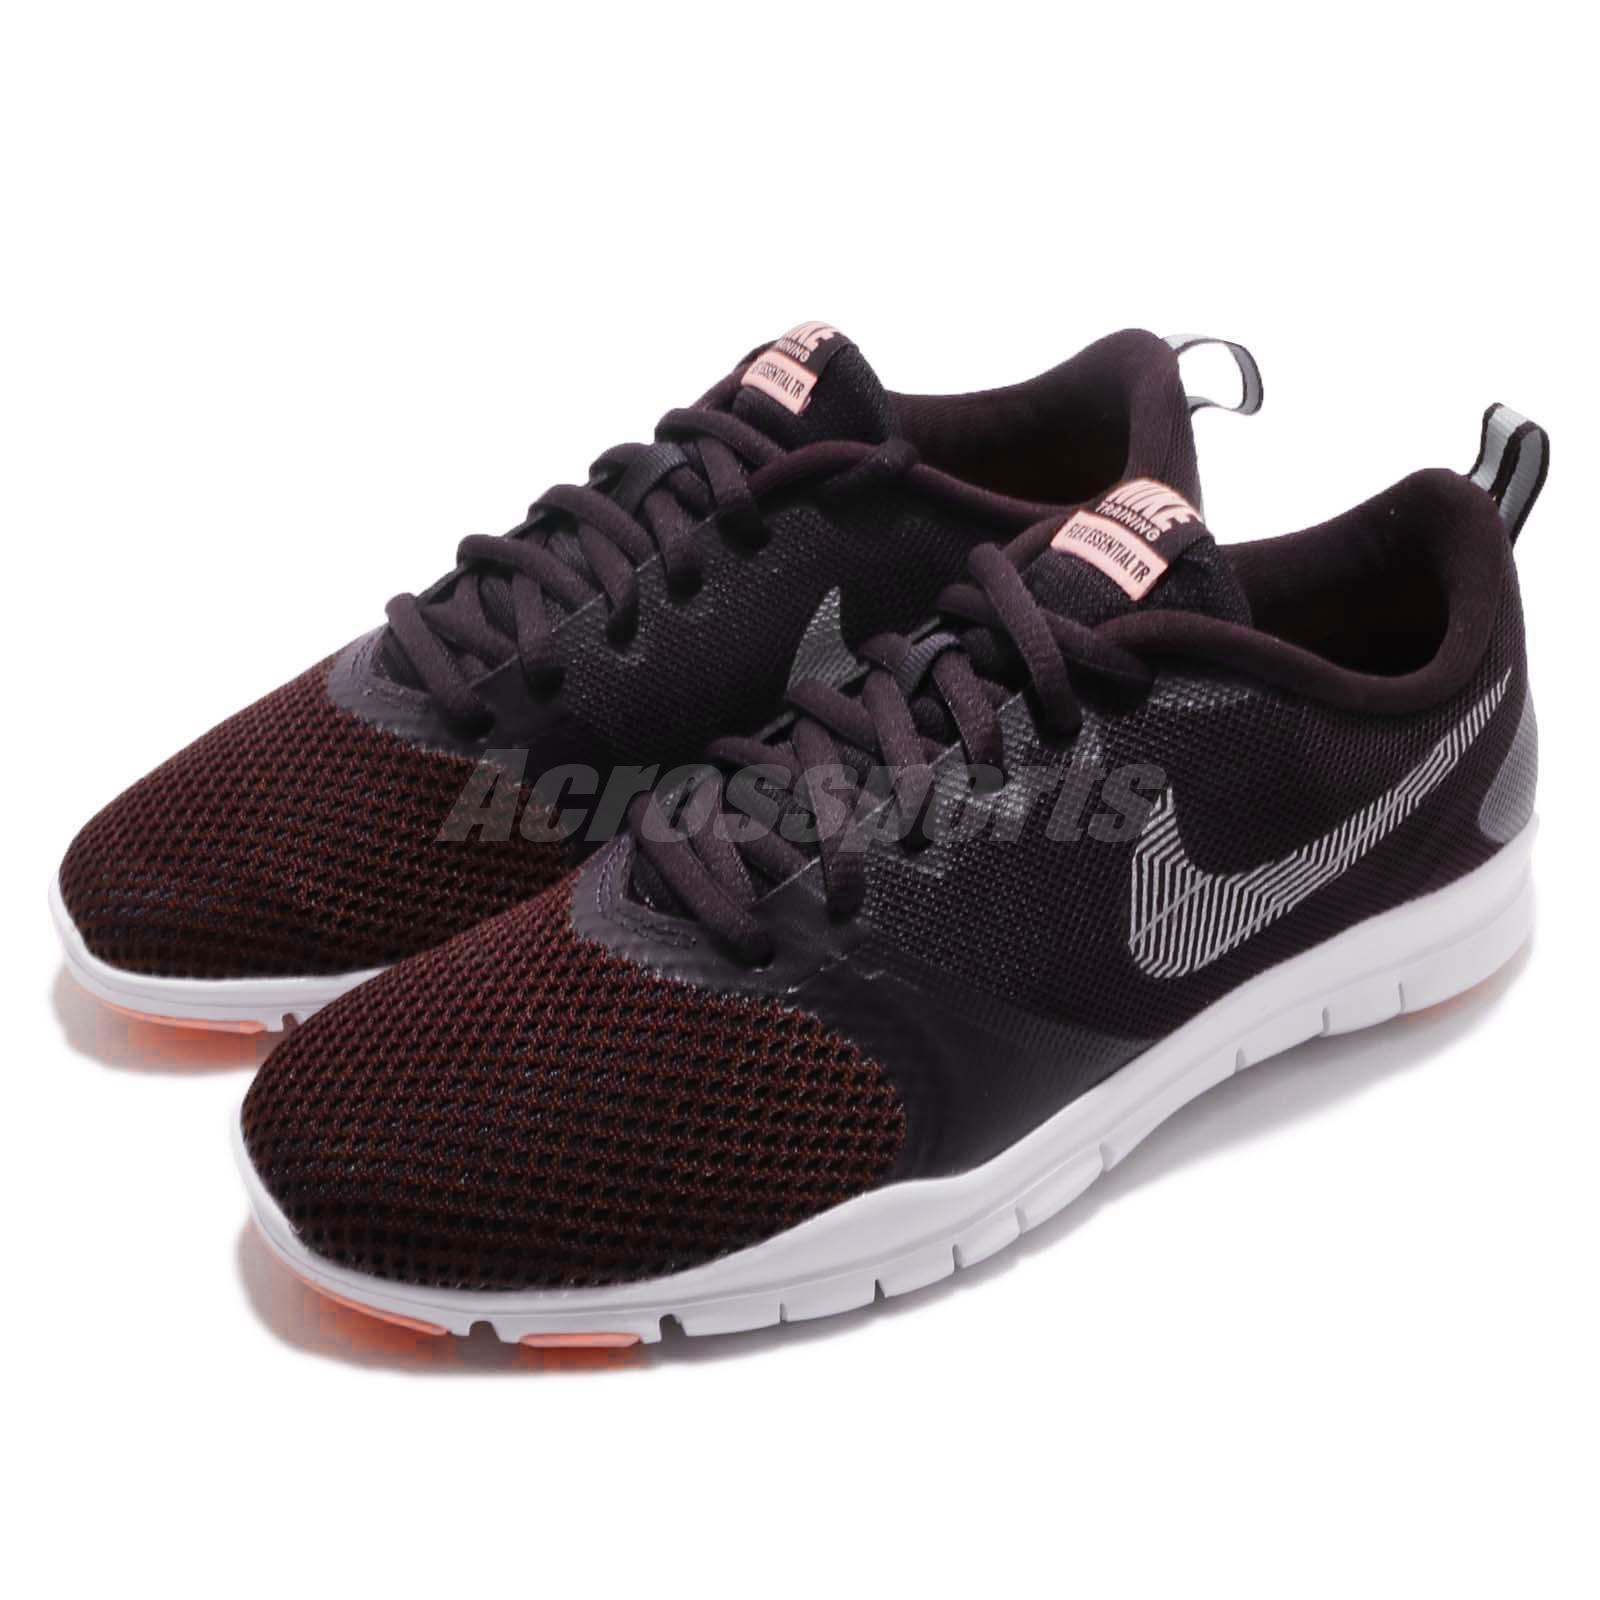 678abcd0da0c4 Details about Nike Wmns Flex Essential TR Burgundy Ash Women Cross Training  Shoes 924344-601